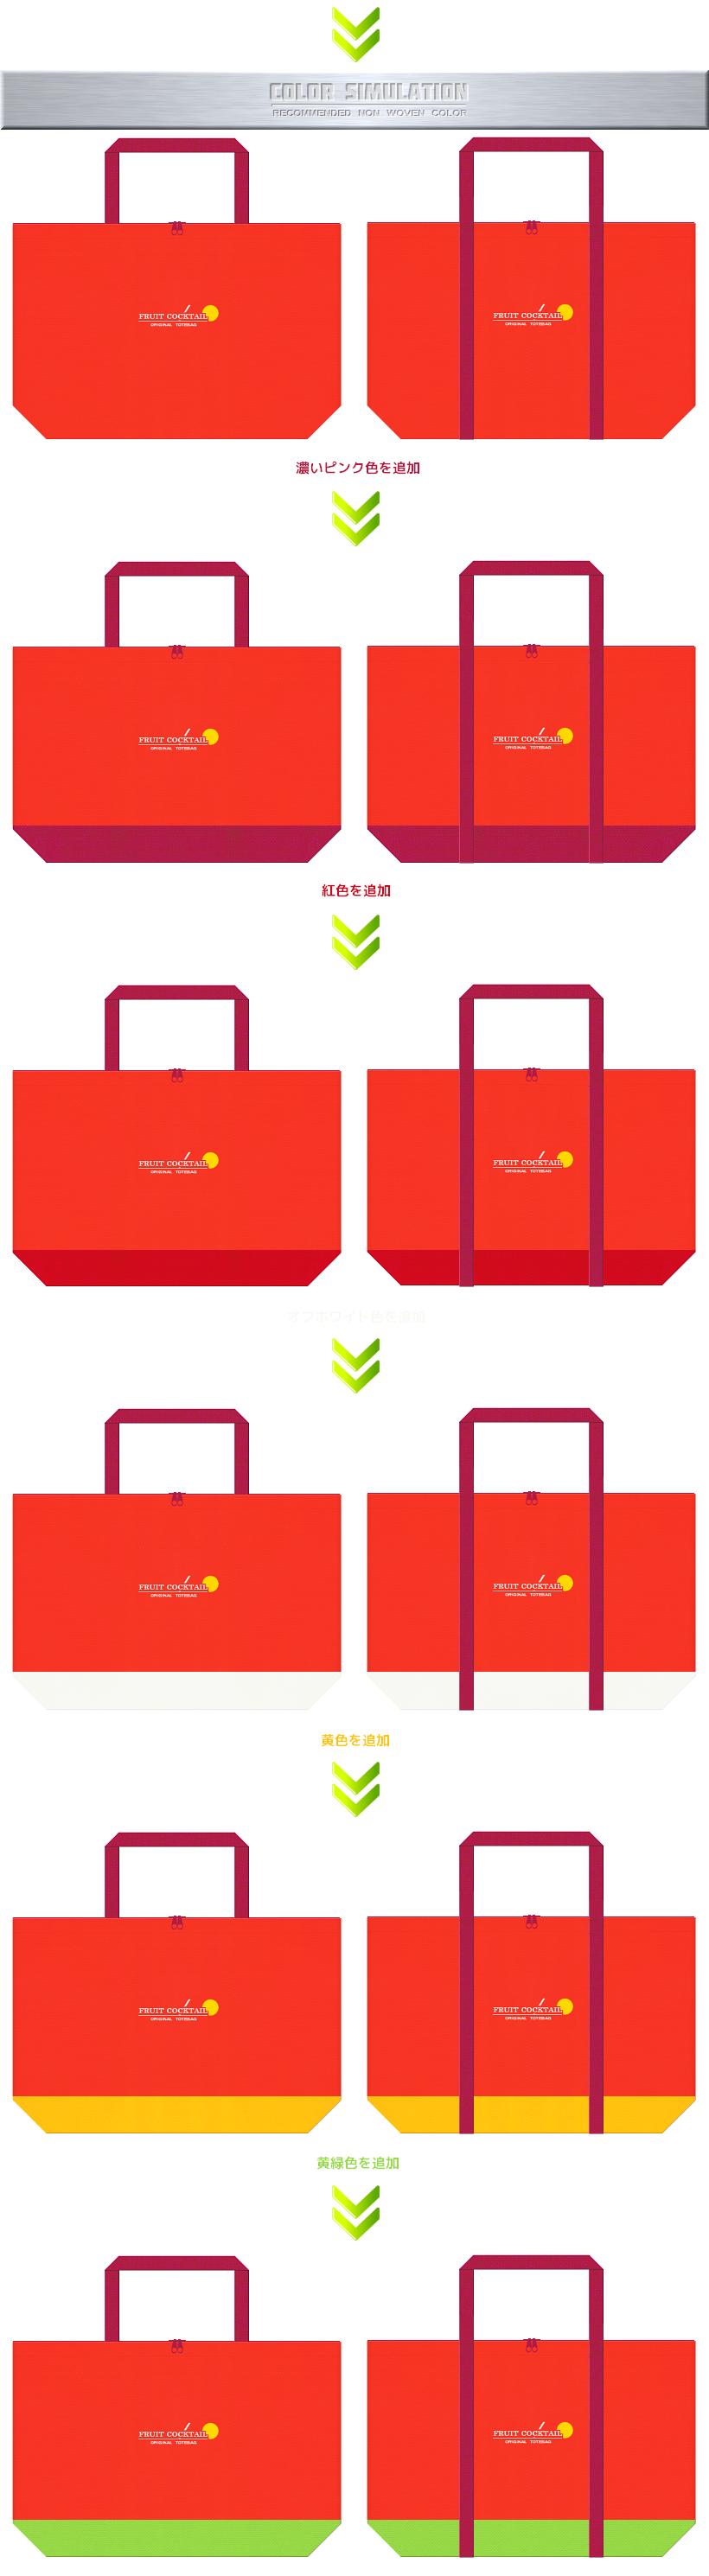 オレンジ色・濃いピンク色・紅色・オフホワイト色・黄色・黄緑色の不織布を使用した不織布バッグのデザイン:カクテル飲料・フルーツのショッピングバッグ